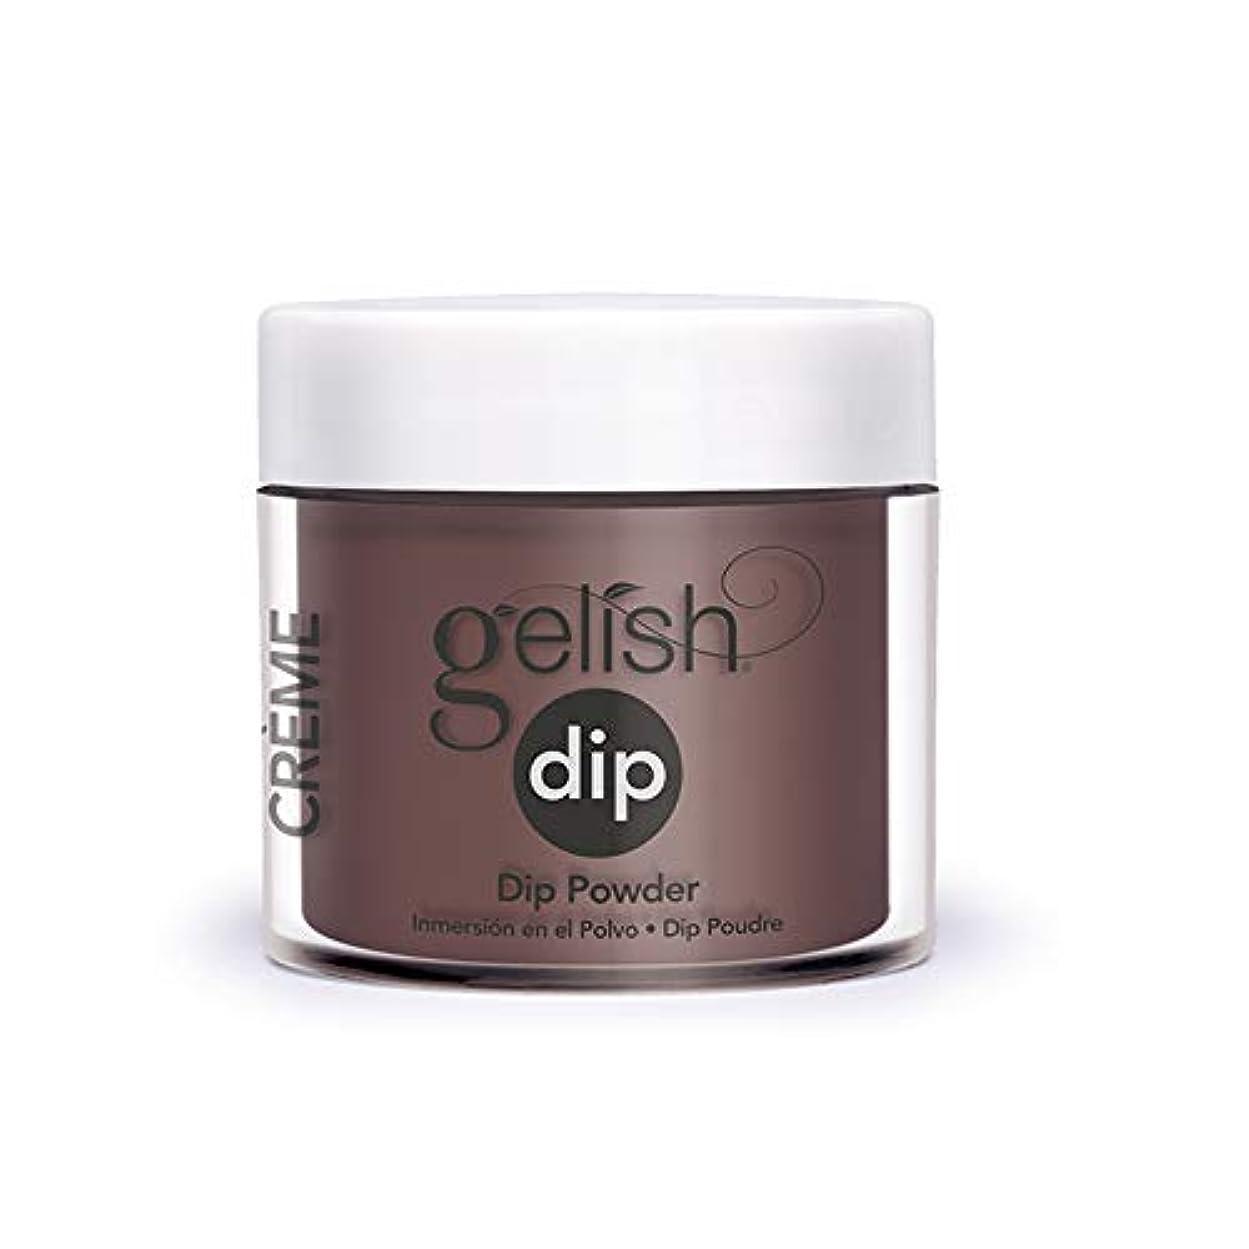 Harmony Gelish - Acrylic Dip Powder - Pumps or Cowboy Boots? - 23g / 0.8oz